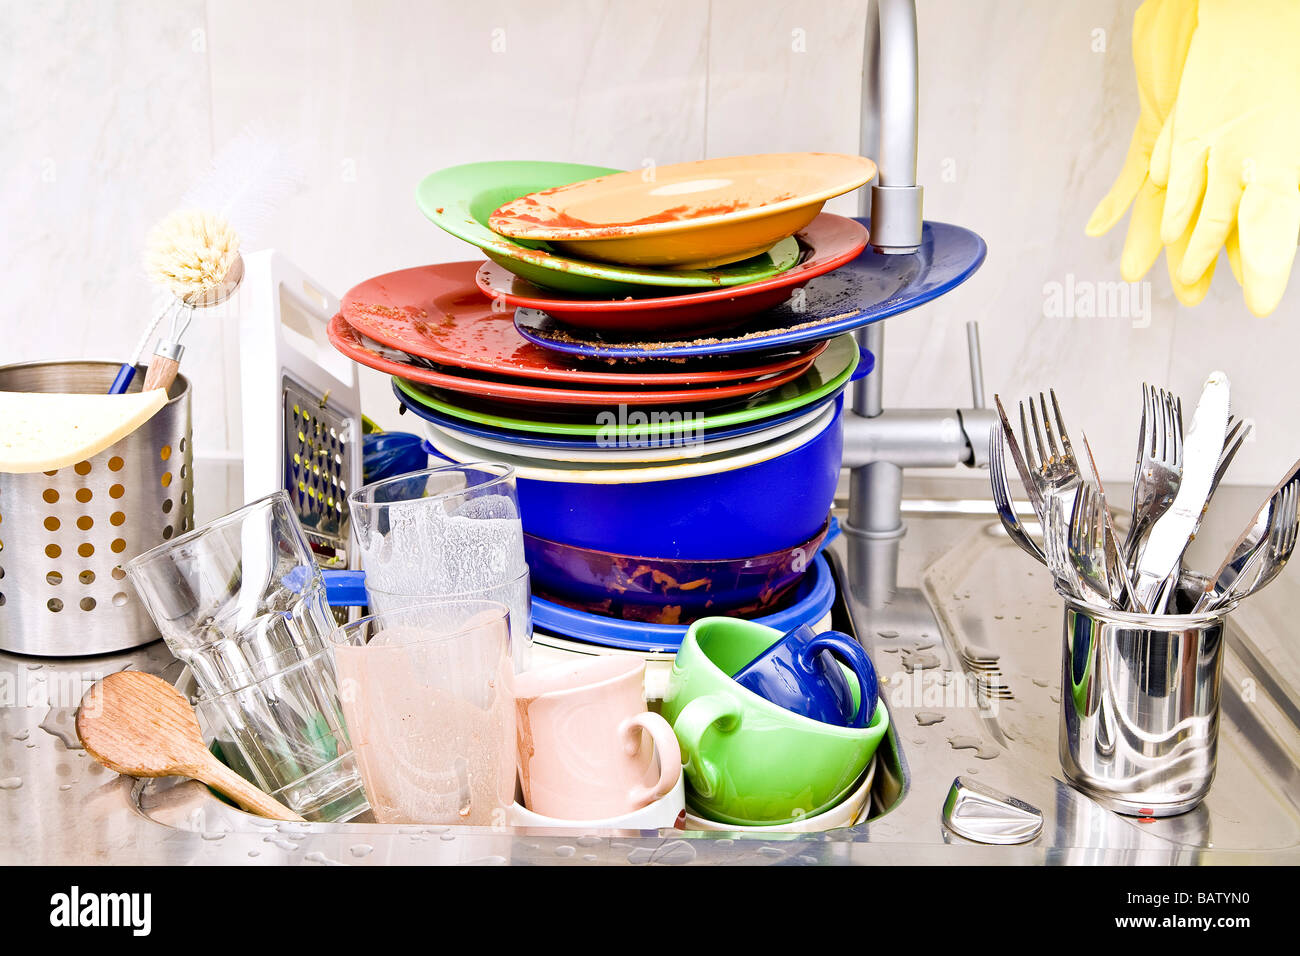 Detergente en el lavabo de la cocina Imagen De Stock